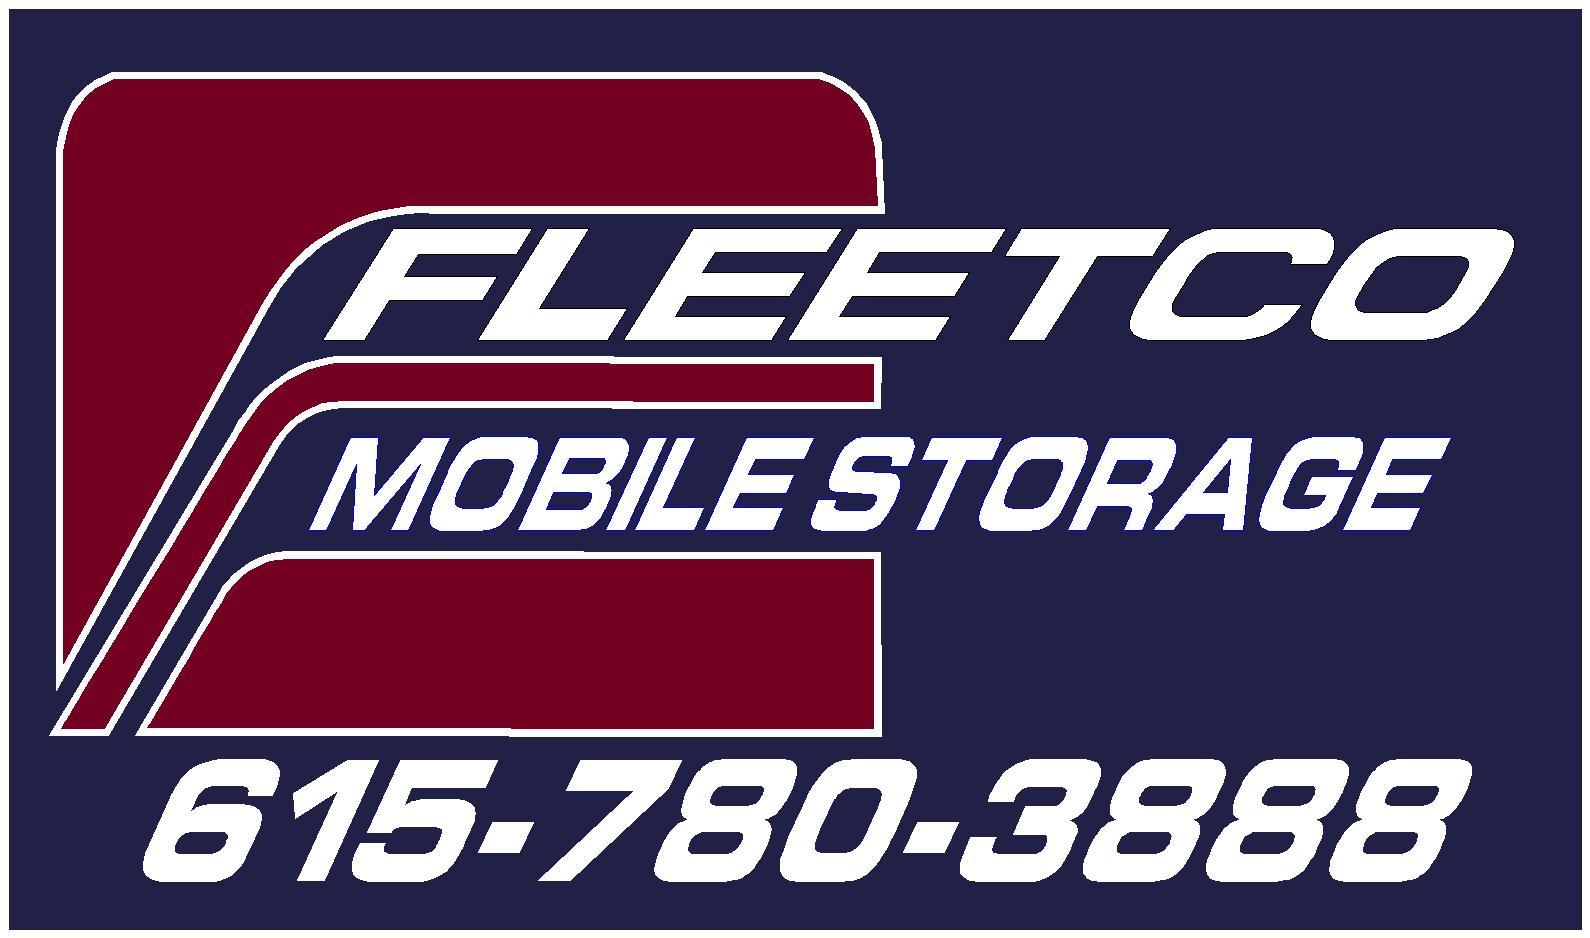 Fleetco Mobile Storage in Nashville, TN 37210 ...